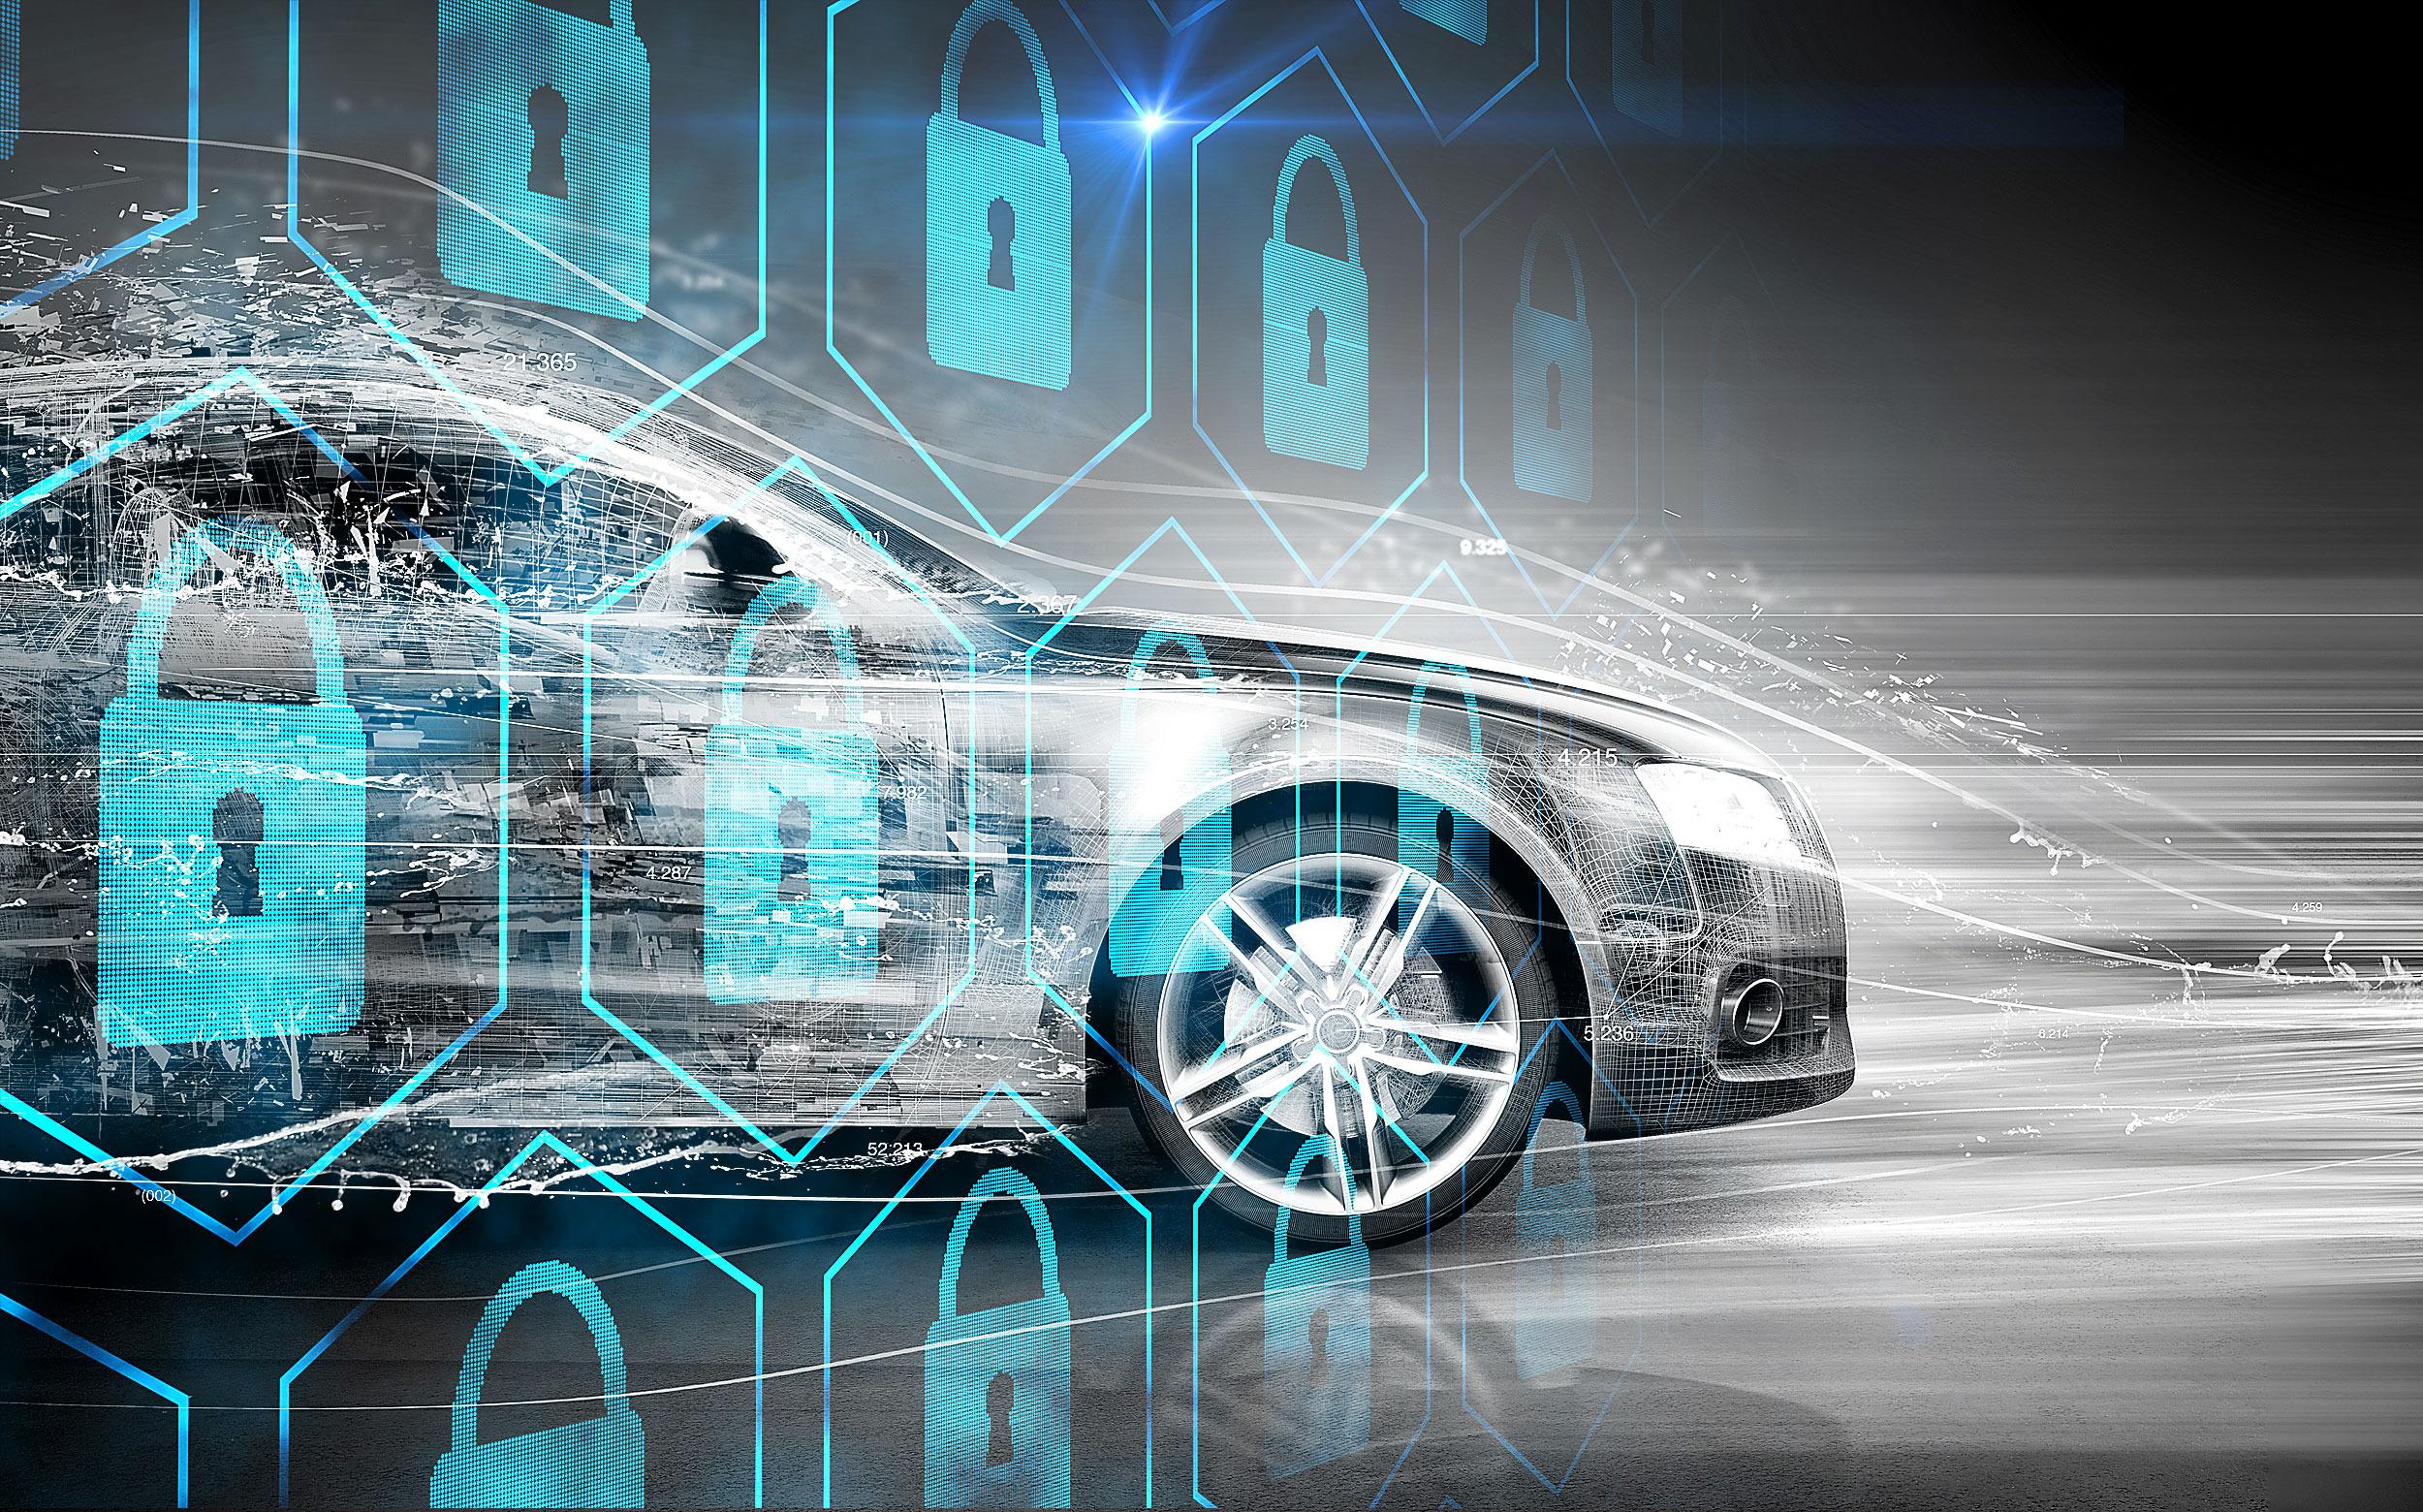 Xe được kết nối mạng sẽ giết chết cửa hàng sửa xe? - Ảnh 2.